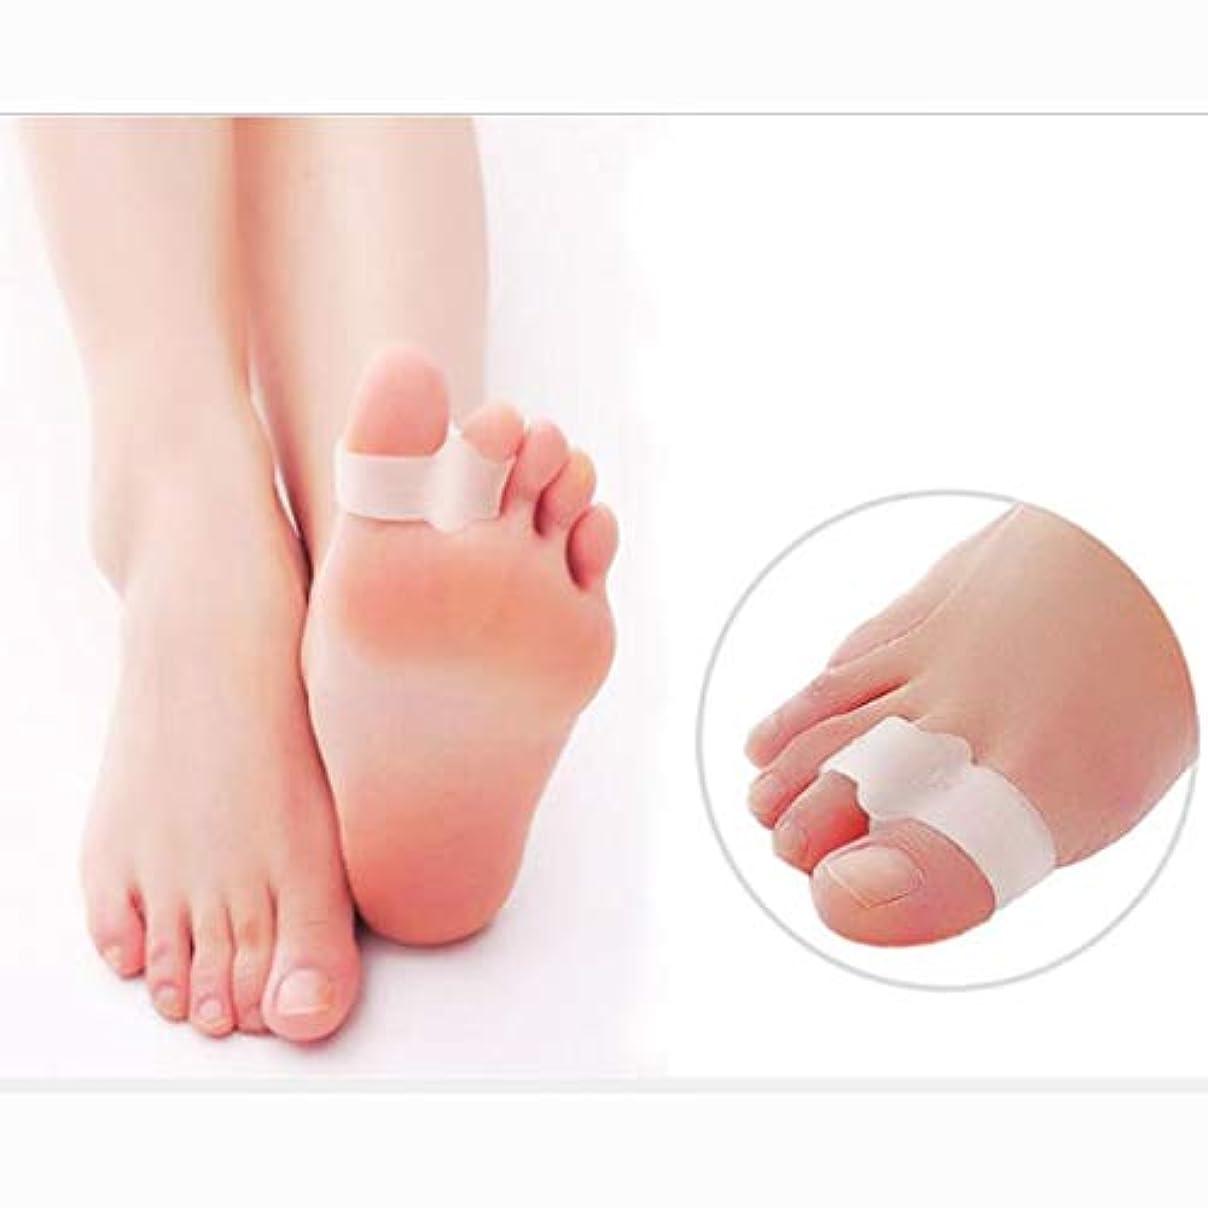 純正遵守する天井足矯正器-M-toe Eversion Hemper Toe Head Big Bone Toe Overlapping Finger Deviator (Size : M)